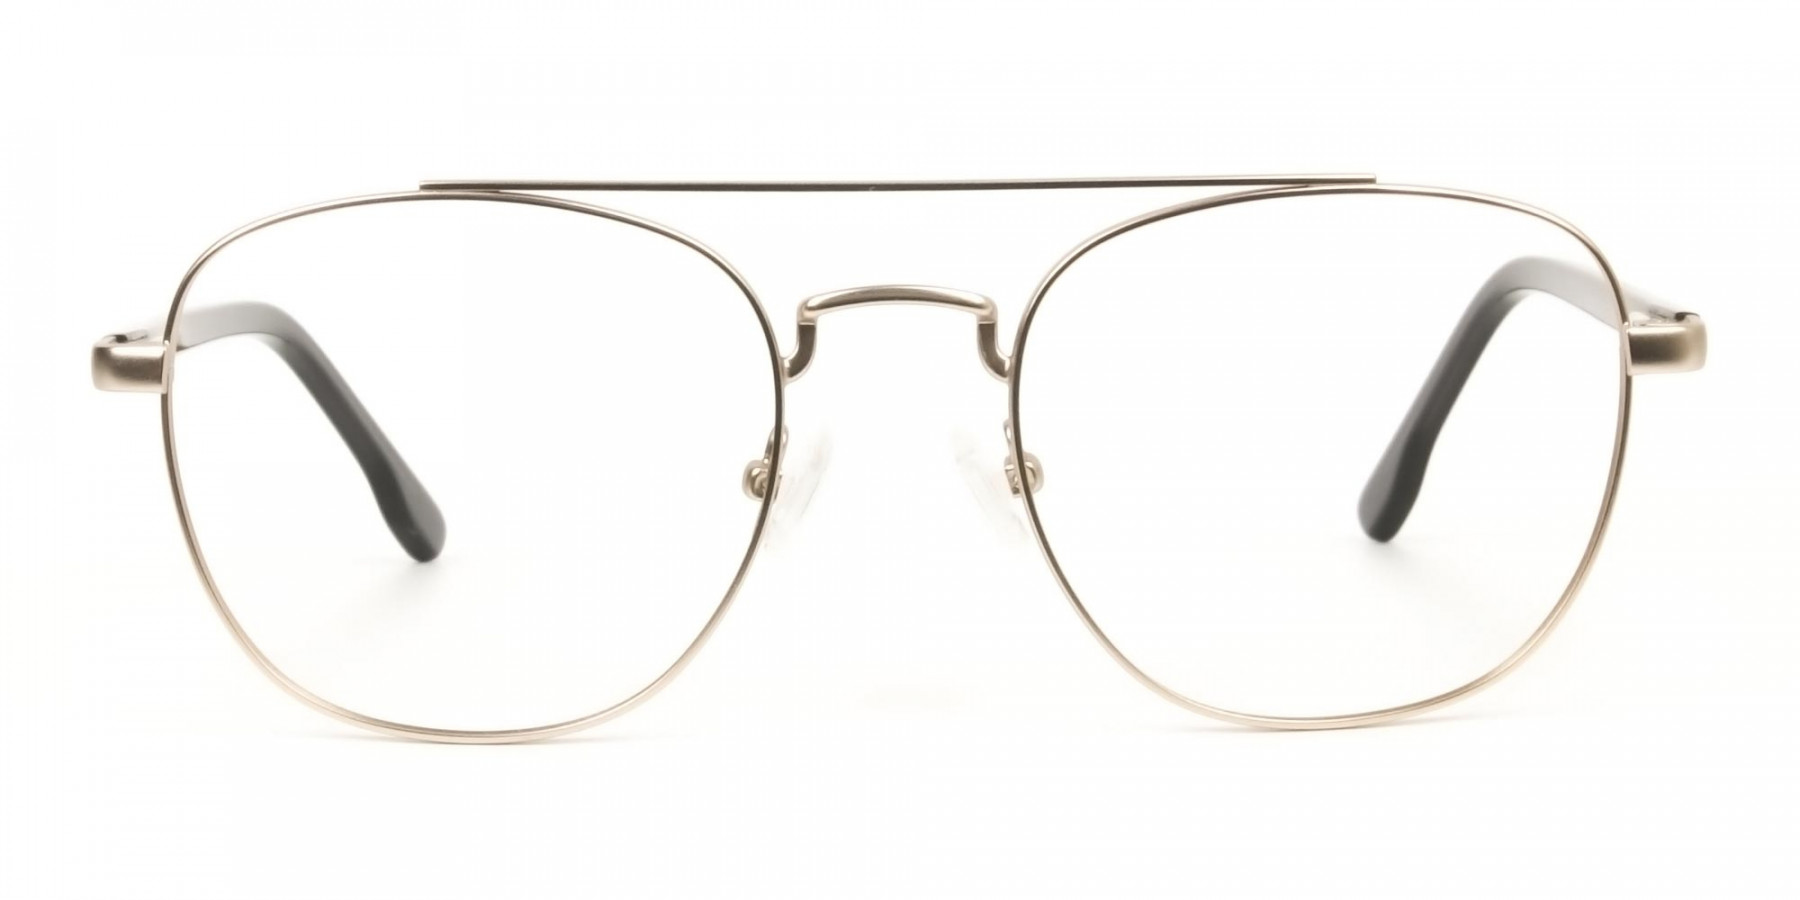 Black and Gold Wayfarer Aviator Glasses in Metal - 1